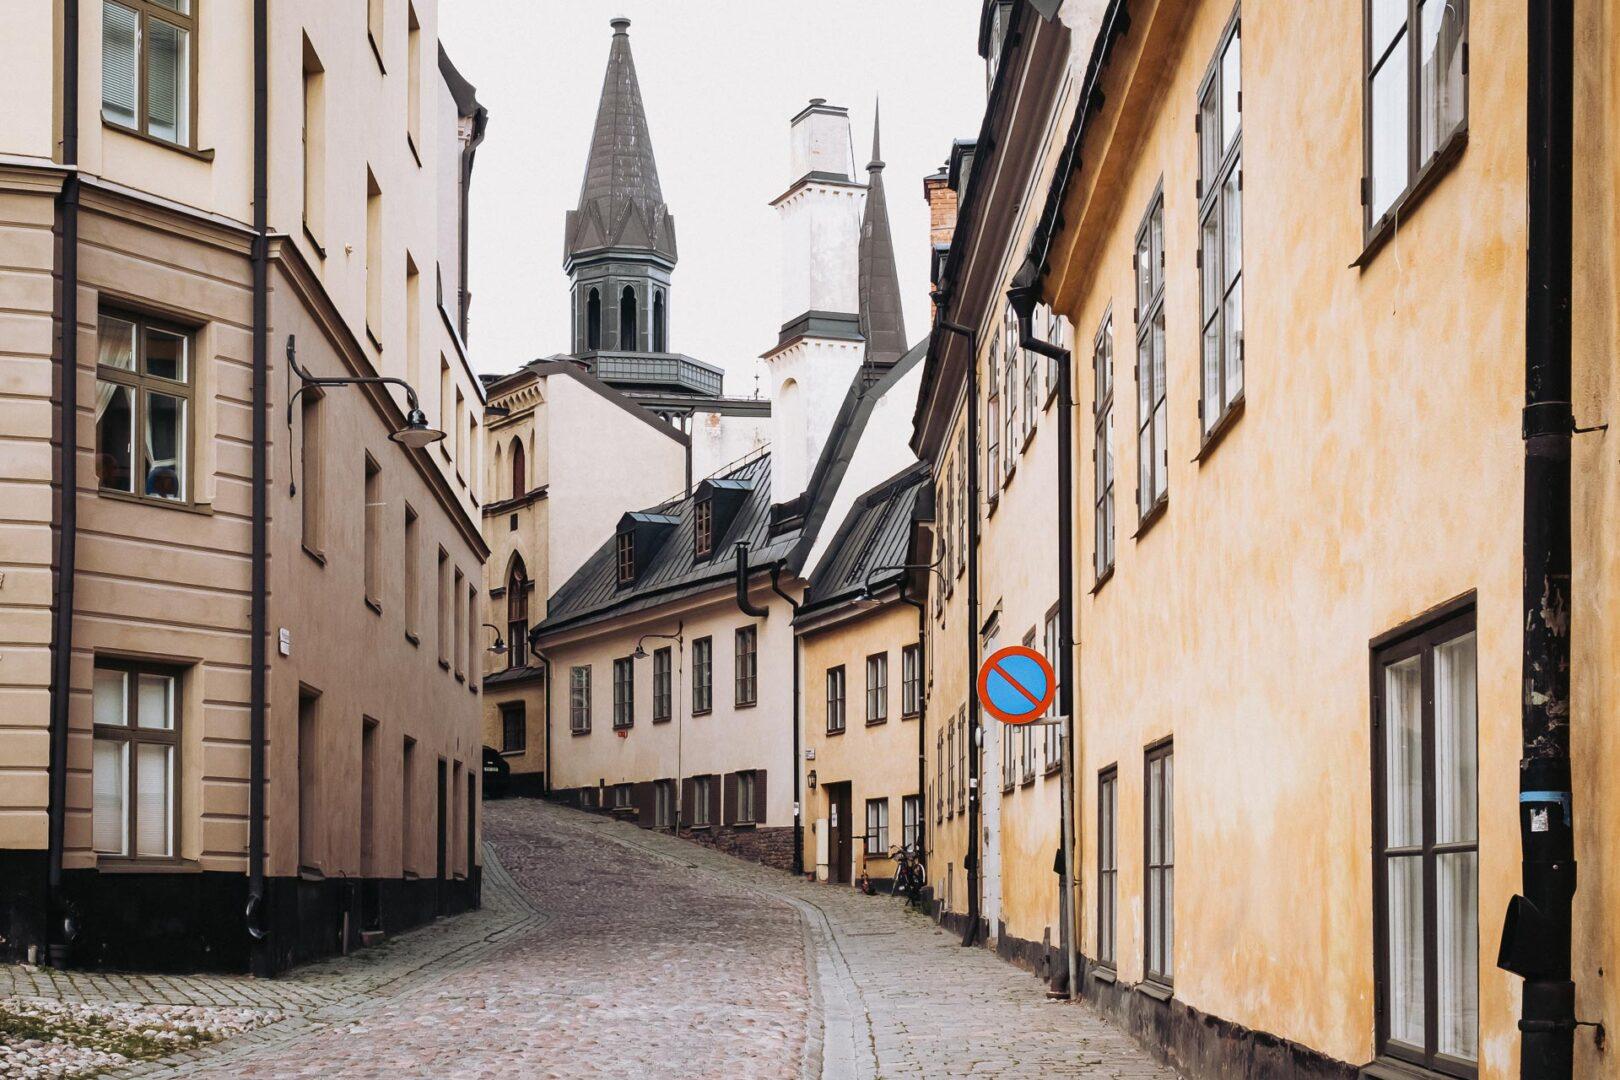 Instagramvänliga platser Stockholm, Söder, Pryssgränd